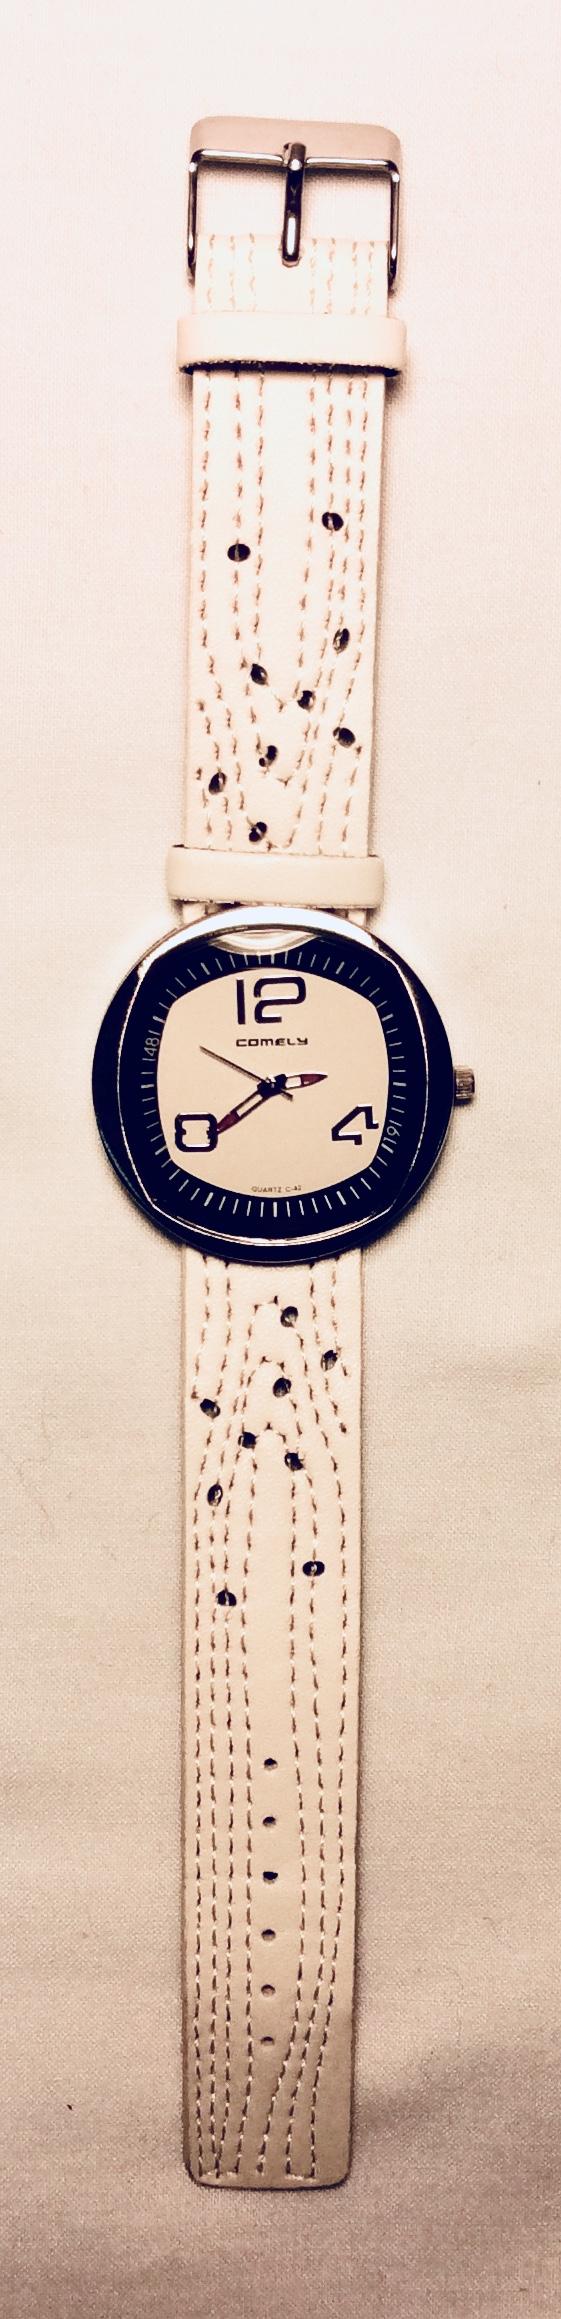 Cream color watch